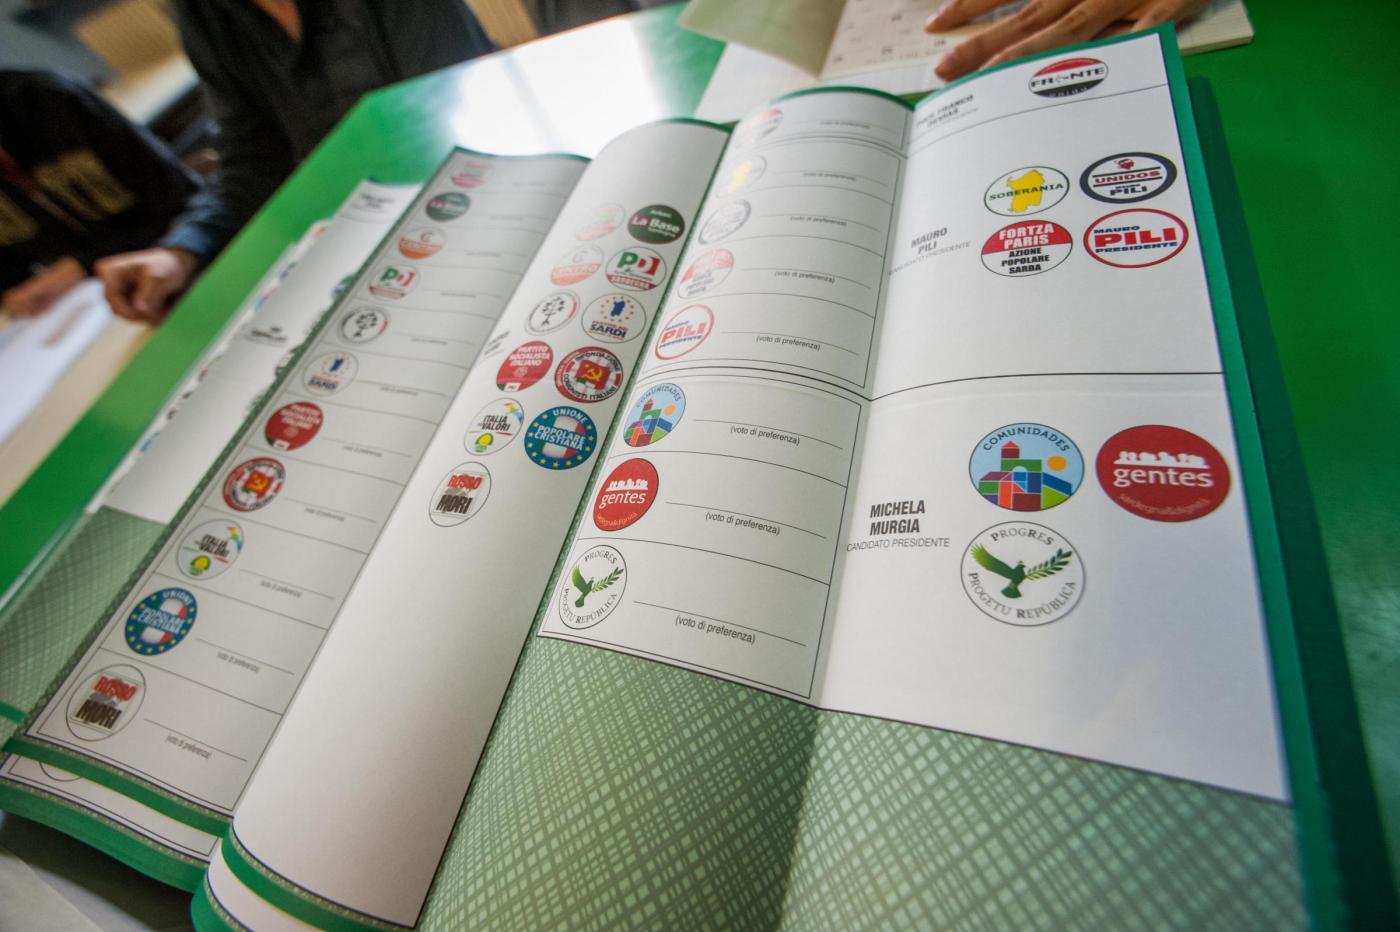 Elezioni regionali Sardegna 2014: ancora 8 sezioni rimaste, decide il Tribunale